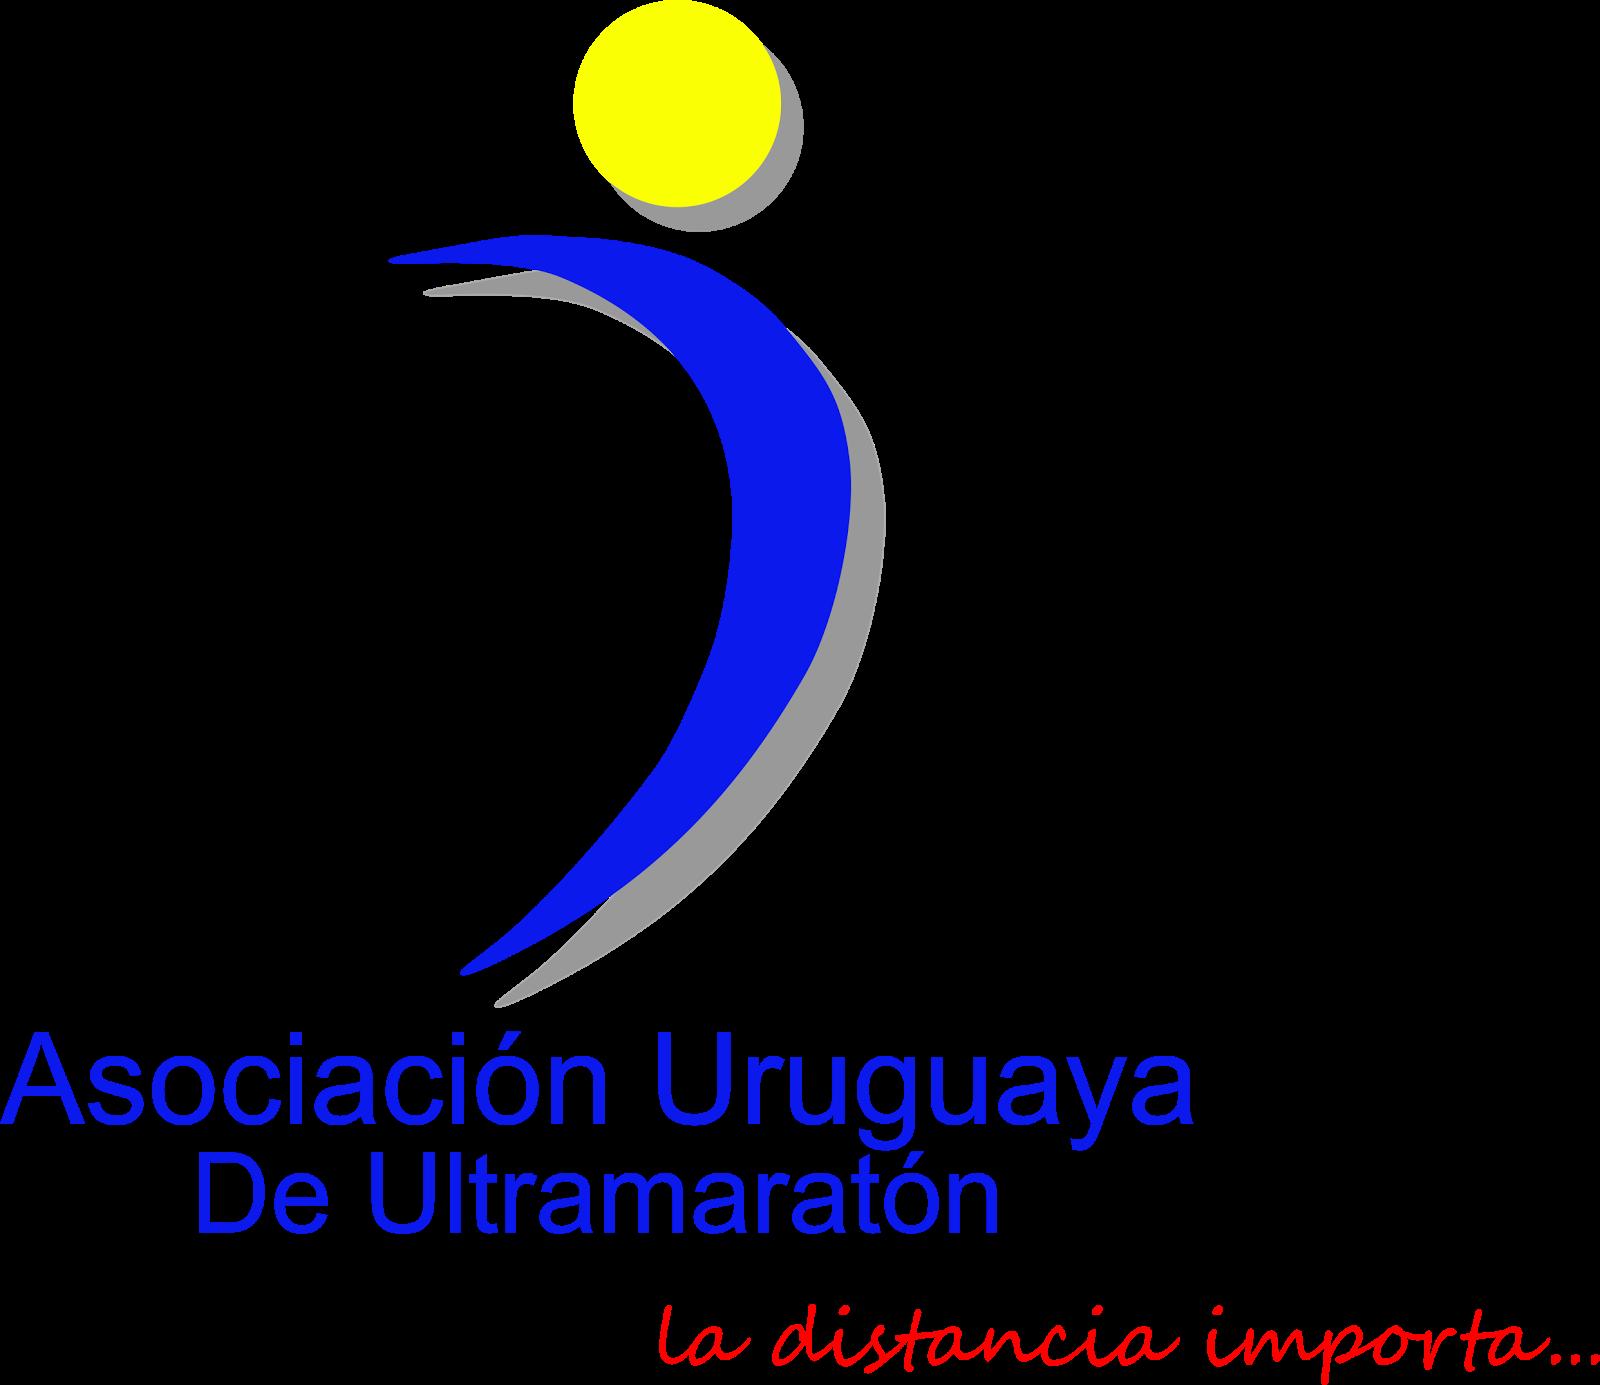 Asociación Uruguaya de Ultramaratón